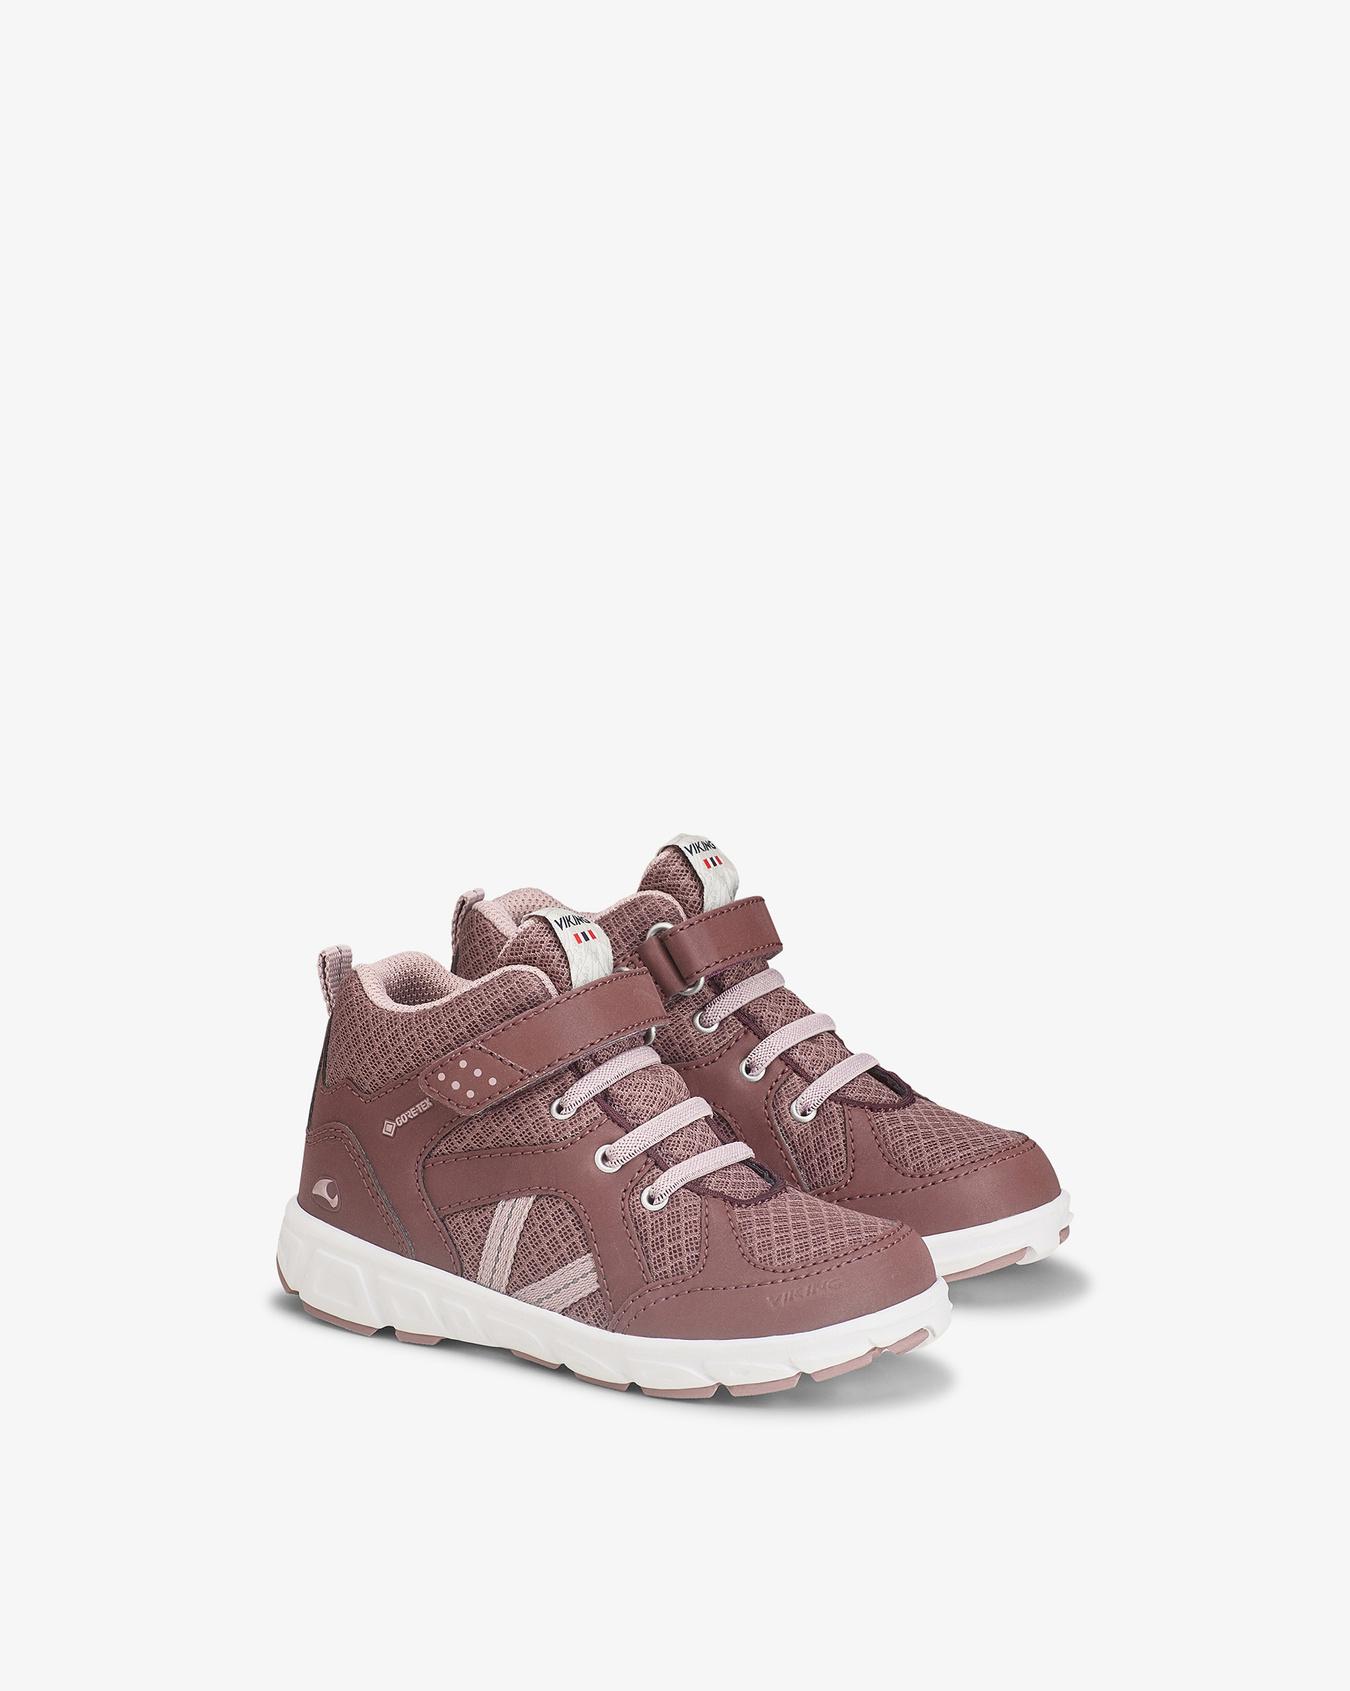 Alvdal Mid R GTX Dusty Pink Sneaker